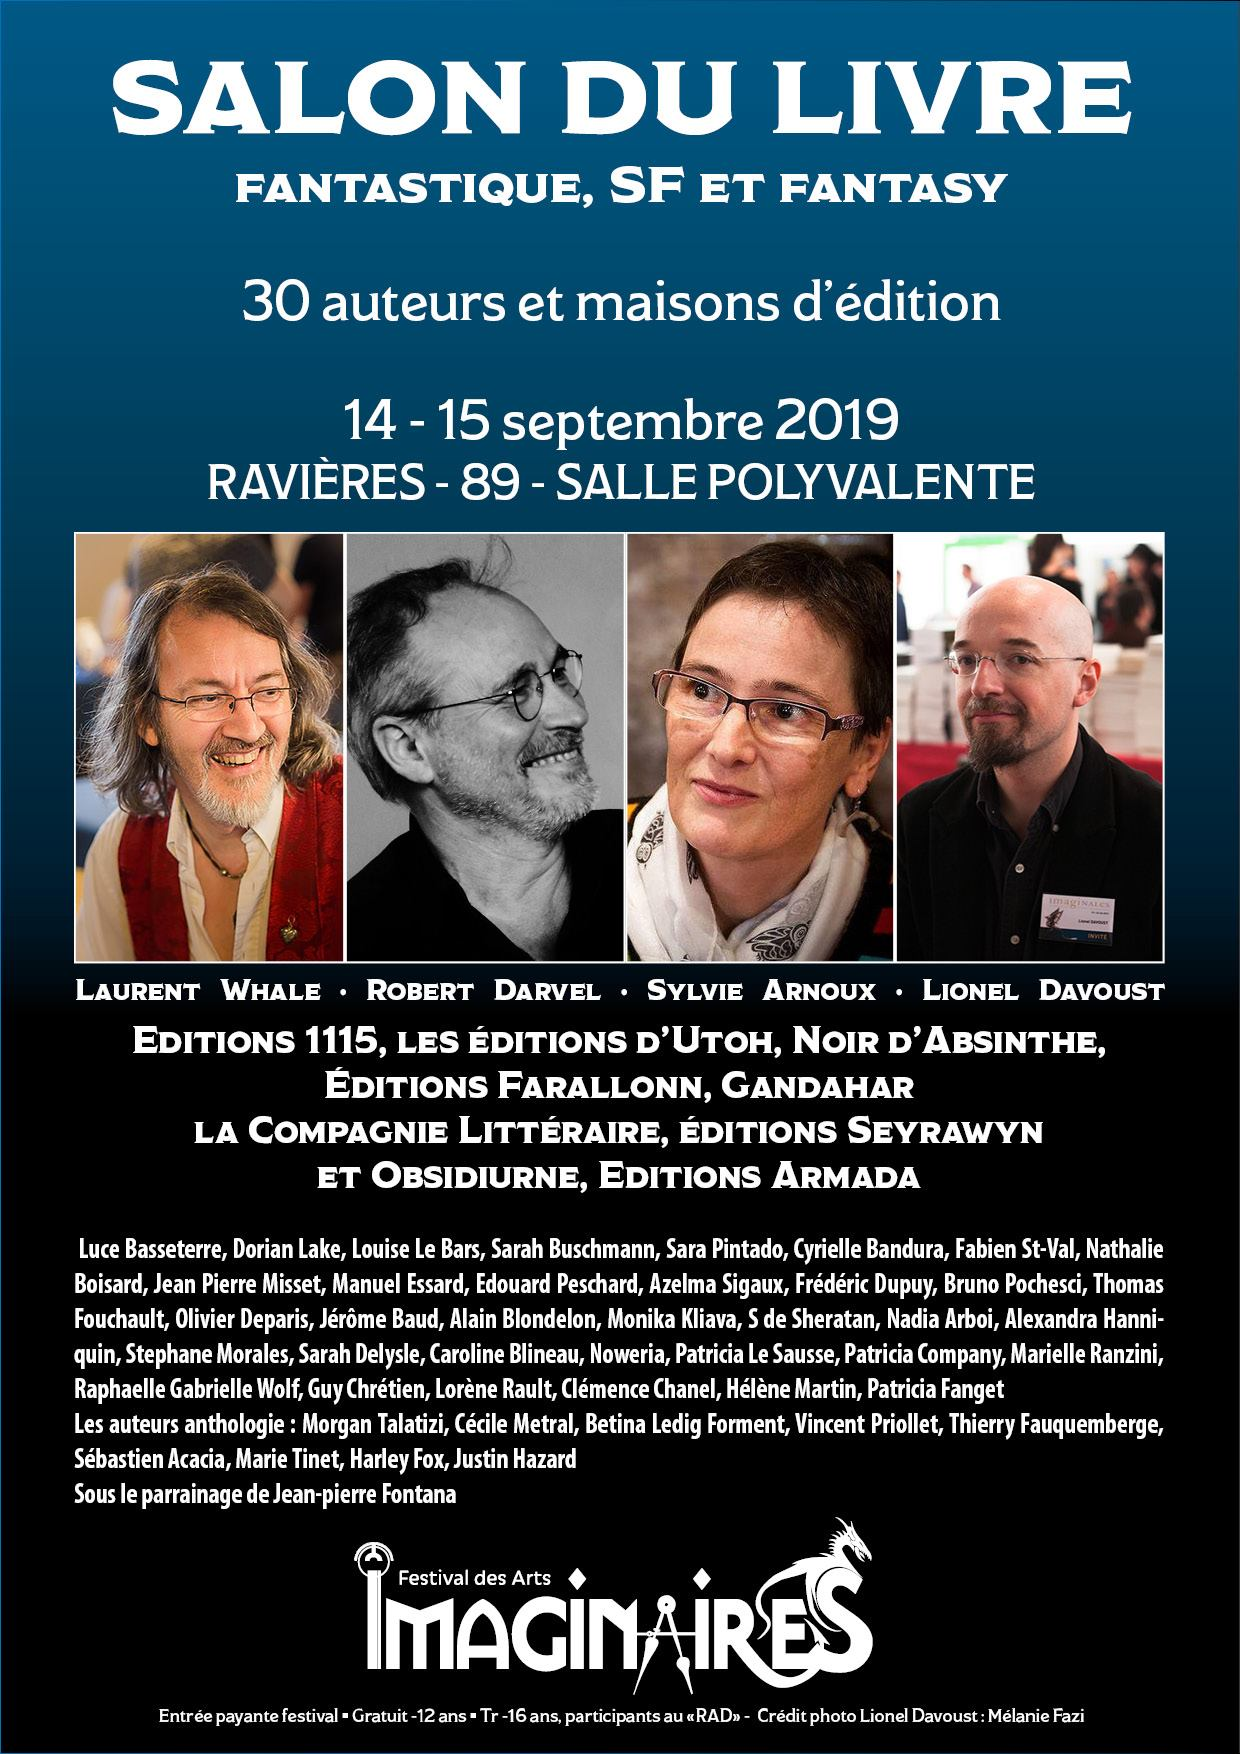 Salon Du Livre Festival Des Arts Imagineres En Tonnerrois